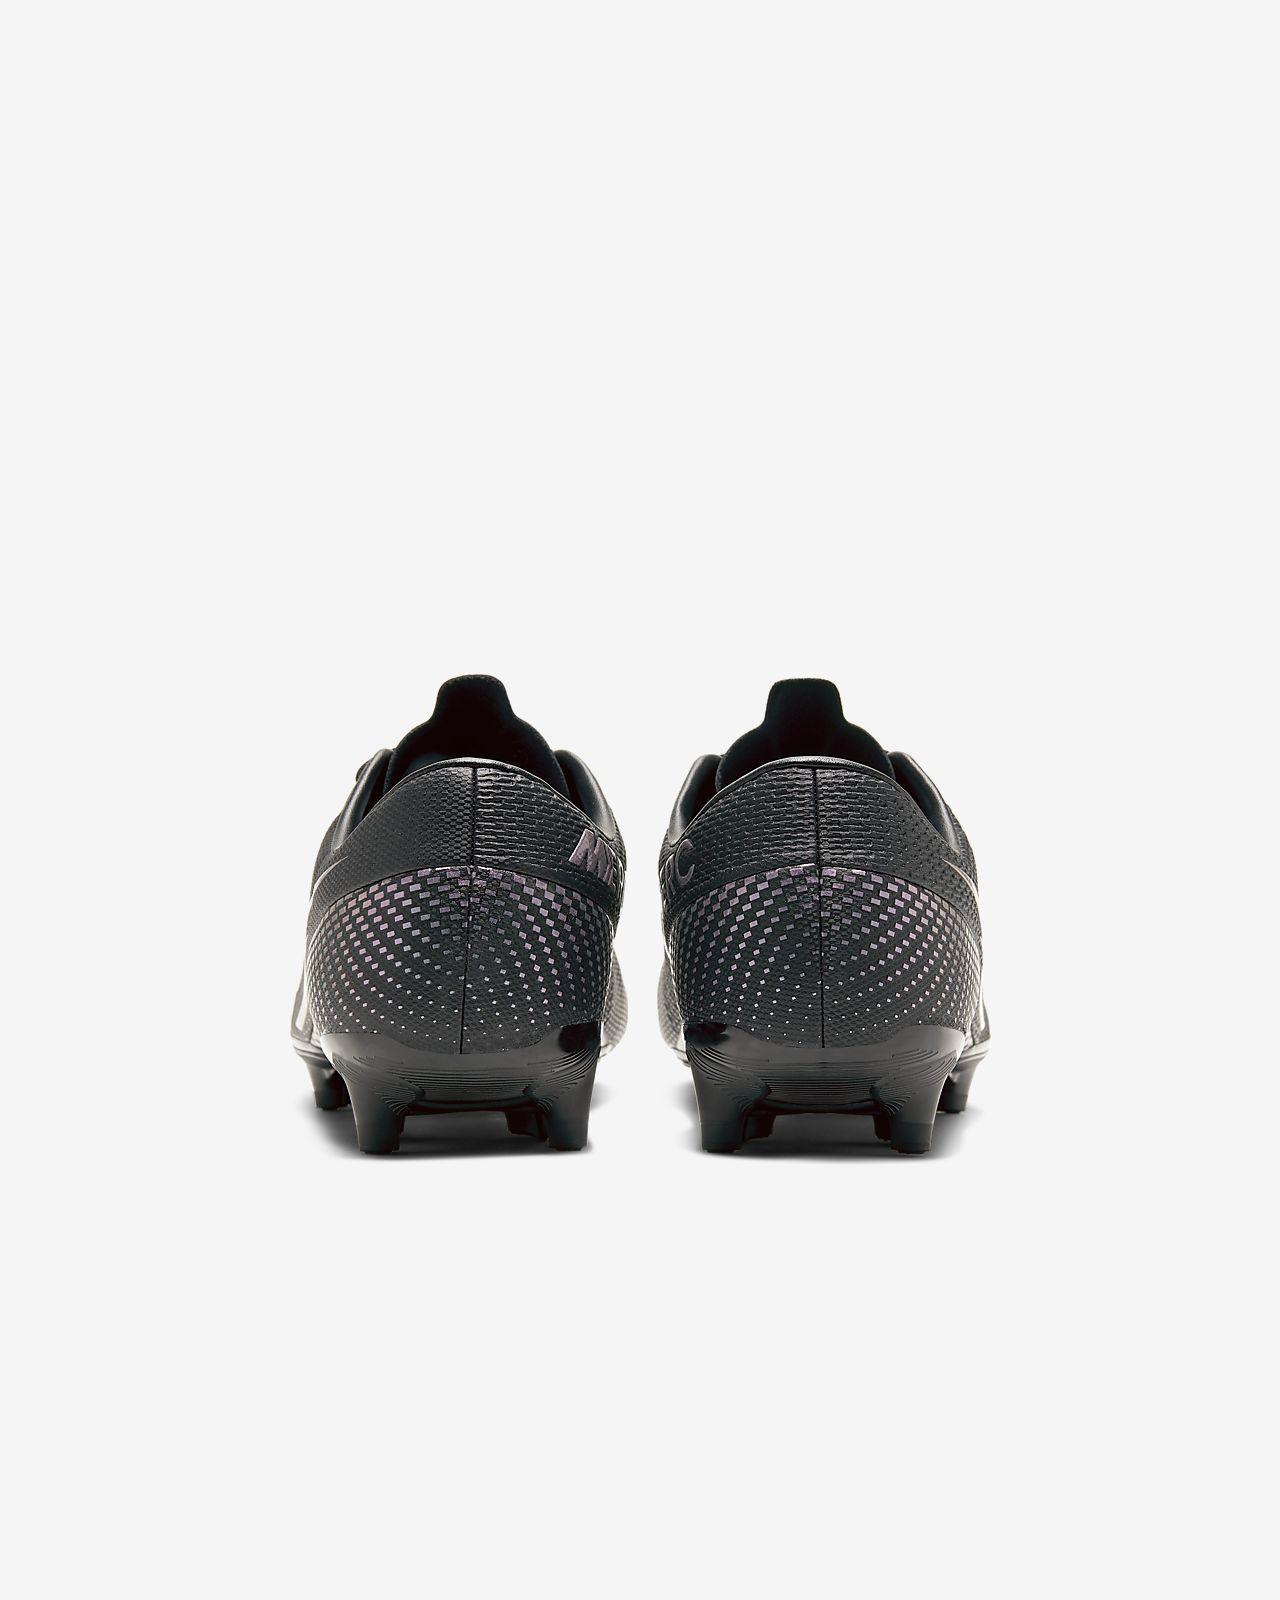 Nike Mercurial Vapor 13 Academy MG fodboldstøvle til flere typer underlag